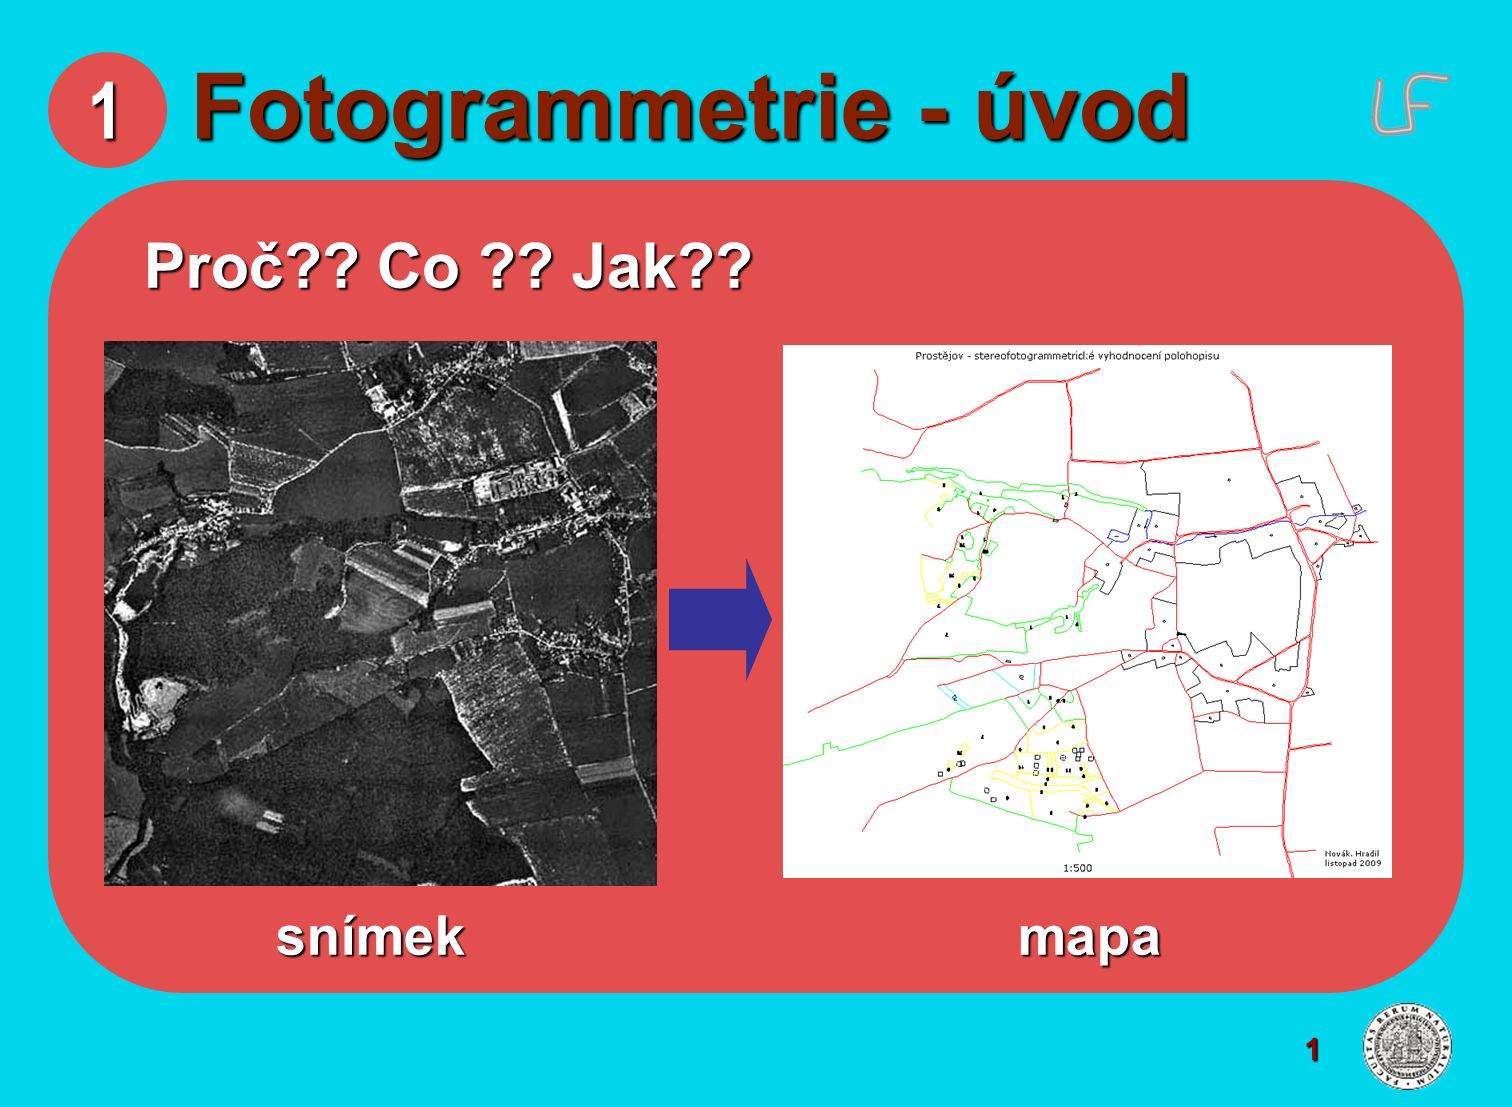 1 Fotogrammetrie - úvod Proč Co Jak snímek mapa